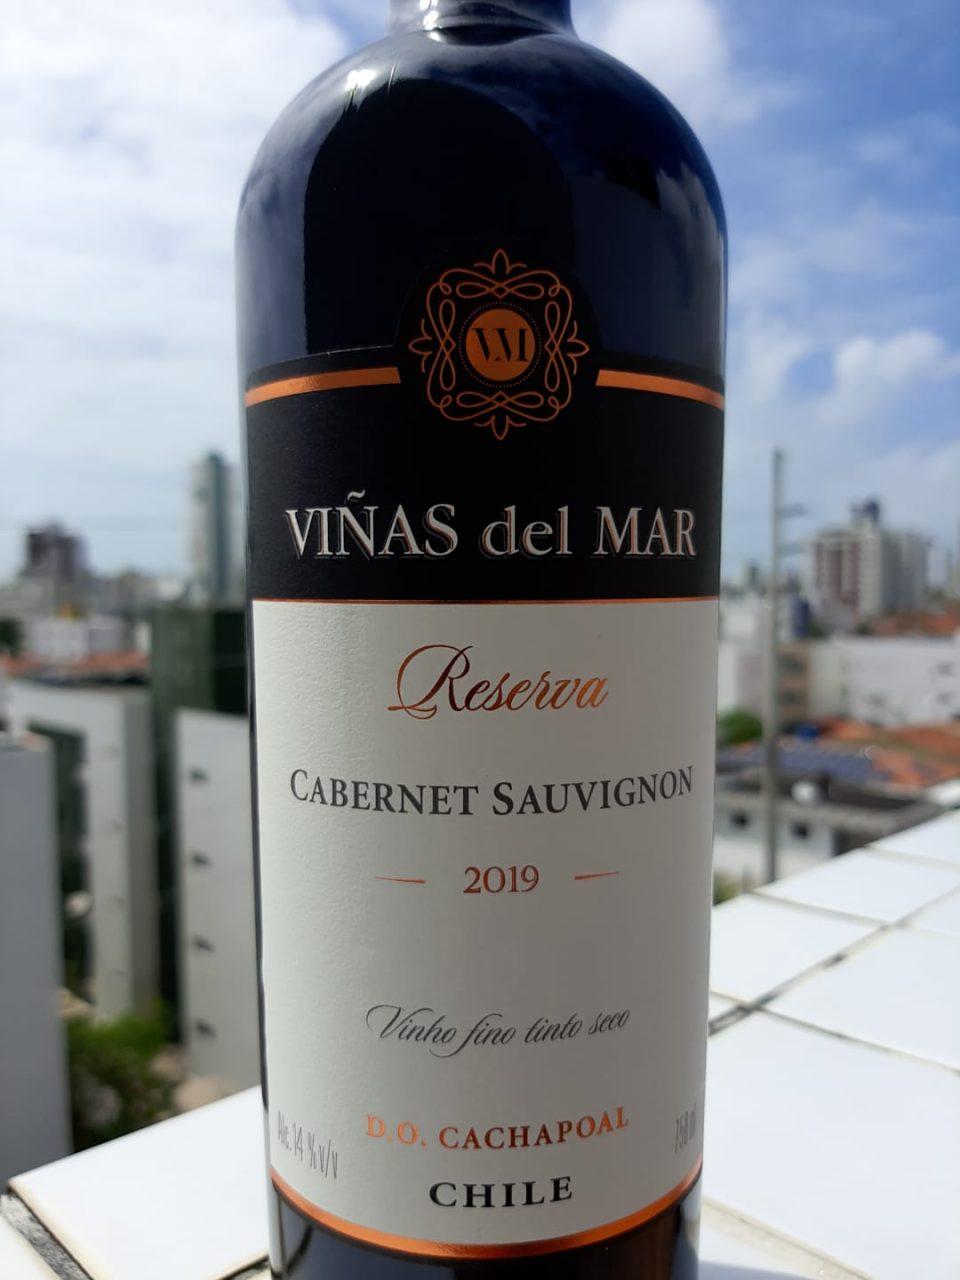 WhatsApp Image 2021 08 26 at 09.46.39 1 scaled - Sommelier Luiz Jr. realiza Curso Degustação de Vinhos em João Pessoa; saiba como se inscrever